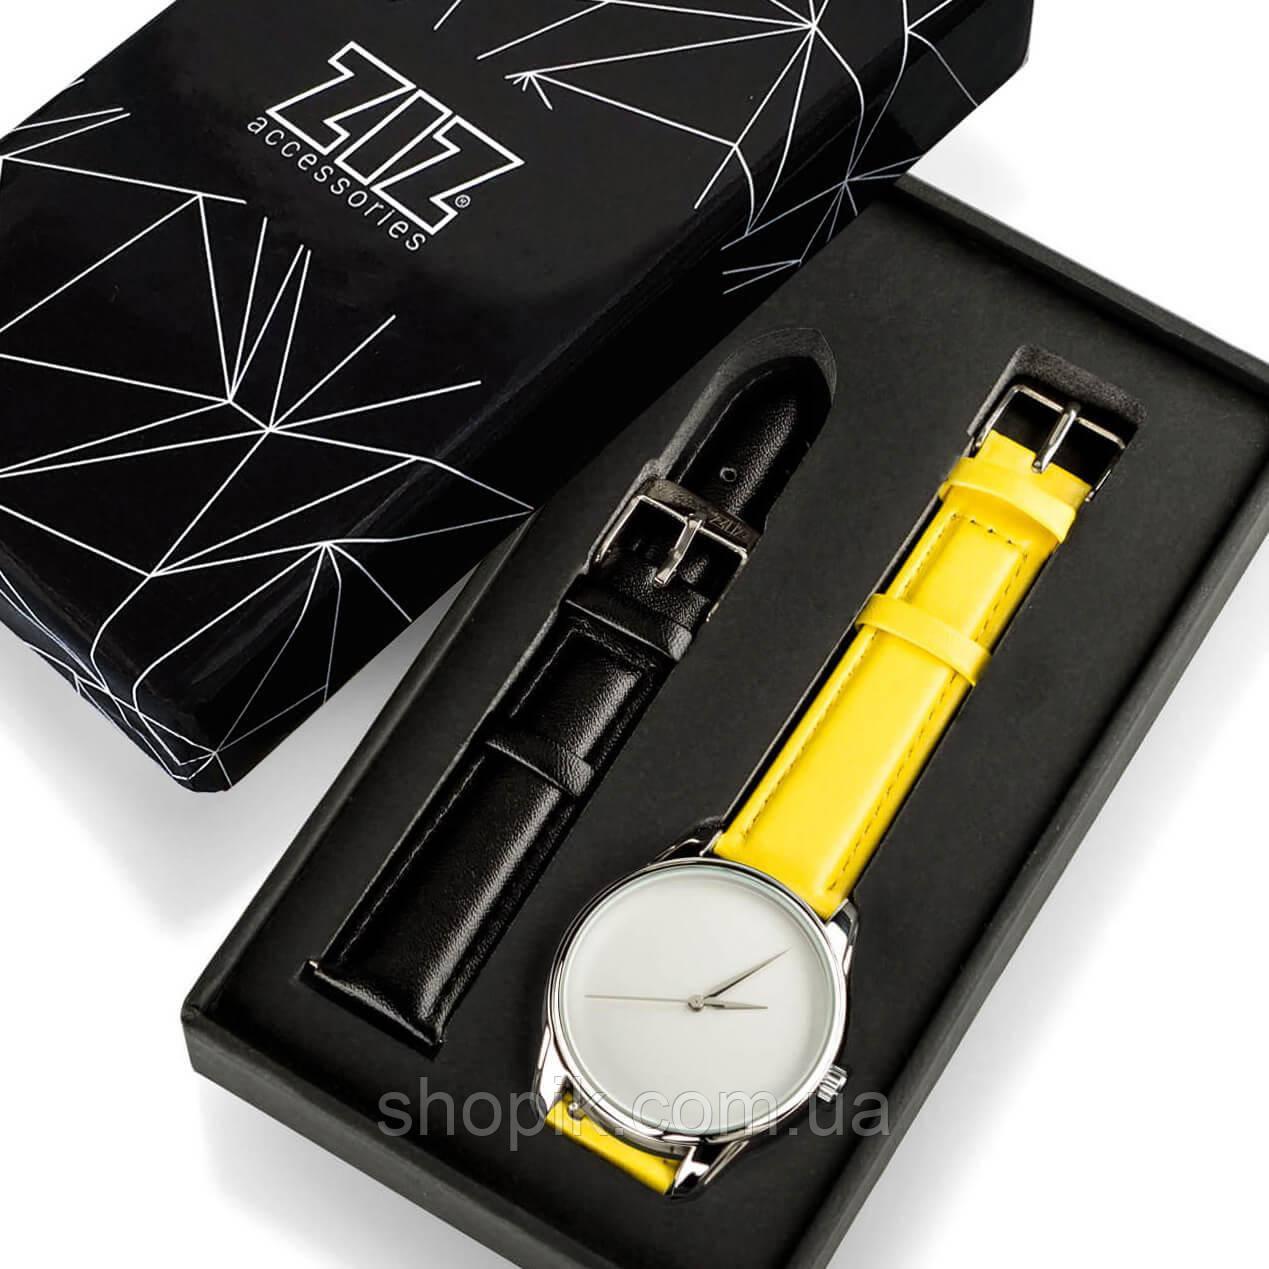 Часы ZIZ Минимализм (ремешок лимонно - желтый, серебро) + дополнительный ремешок SHOPIK